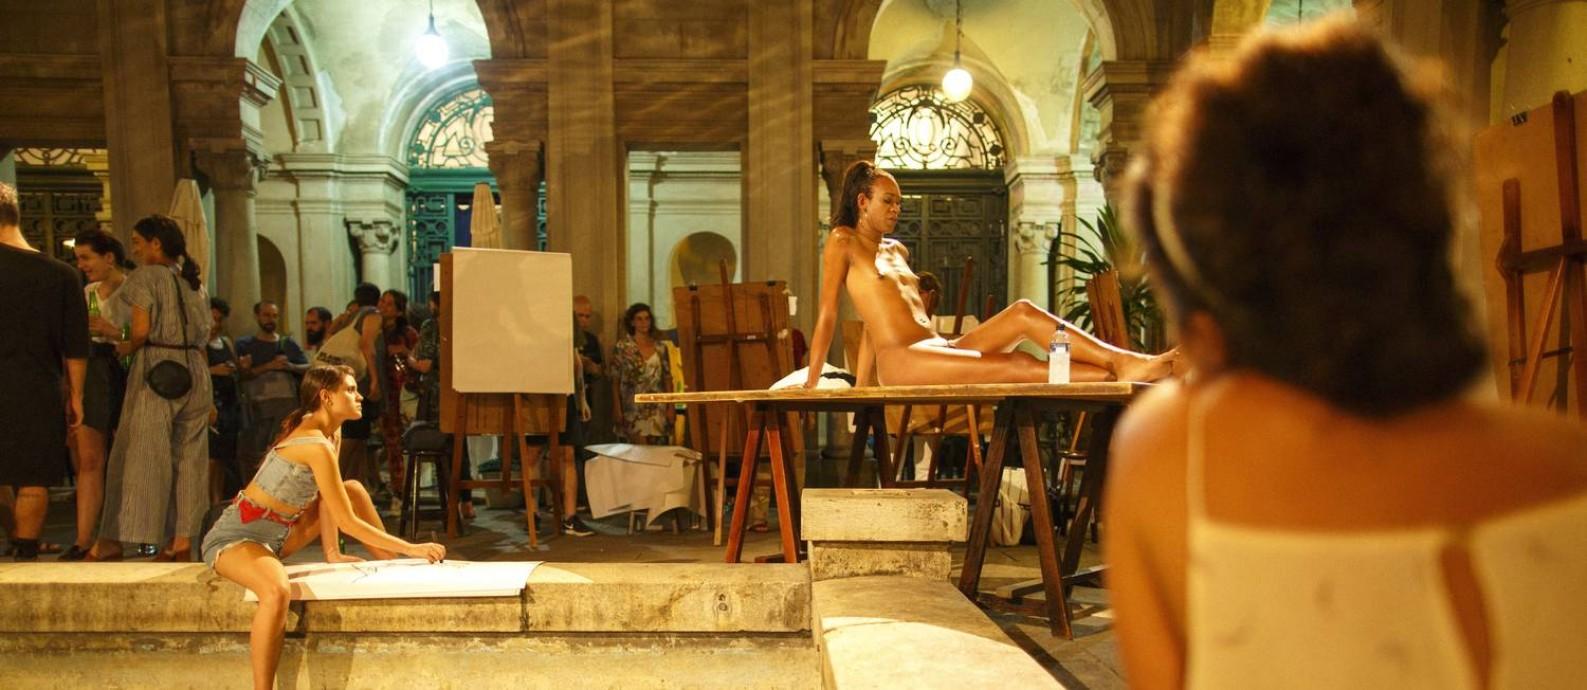 Aula aberta de modelo vivo com a presença da transgênero Naomi Savage Foto: Daniel Marenco / Agência O Globo